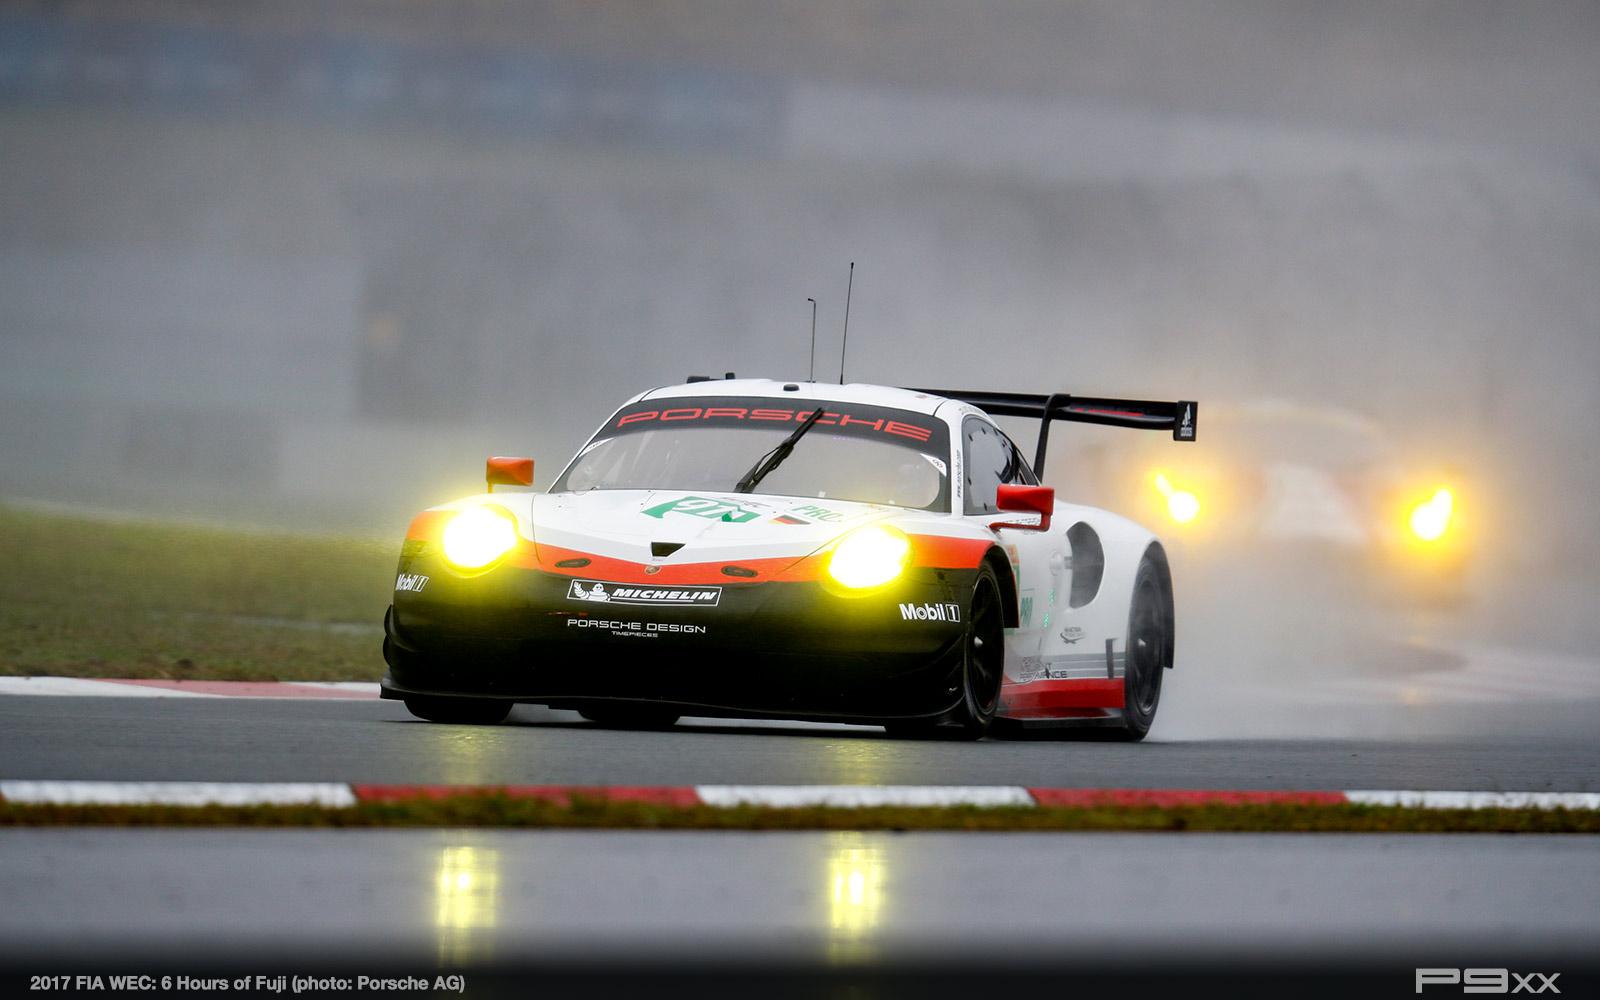 2017-FIA-WEC-6h-of-Fuji-Porsche-378